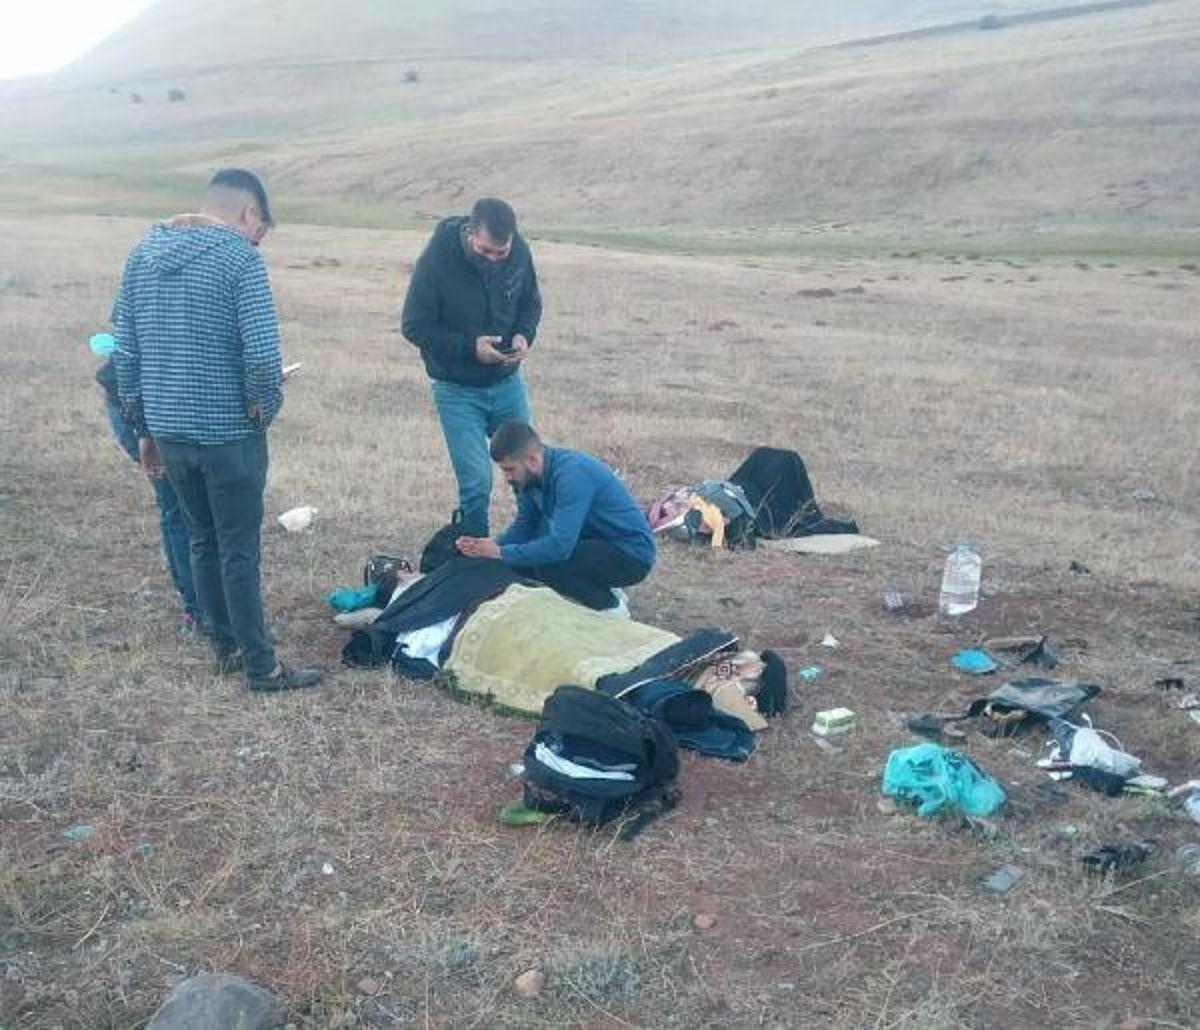 Son dakika haberi... Şarampole devrilen otomobildeki 1 bebek öldü, 3 kişi yaralandı